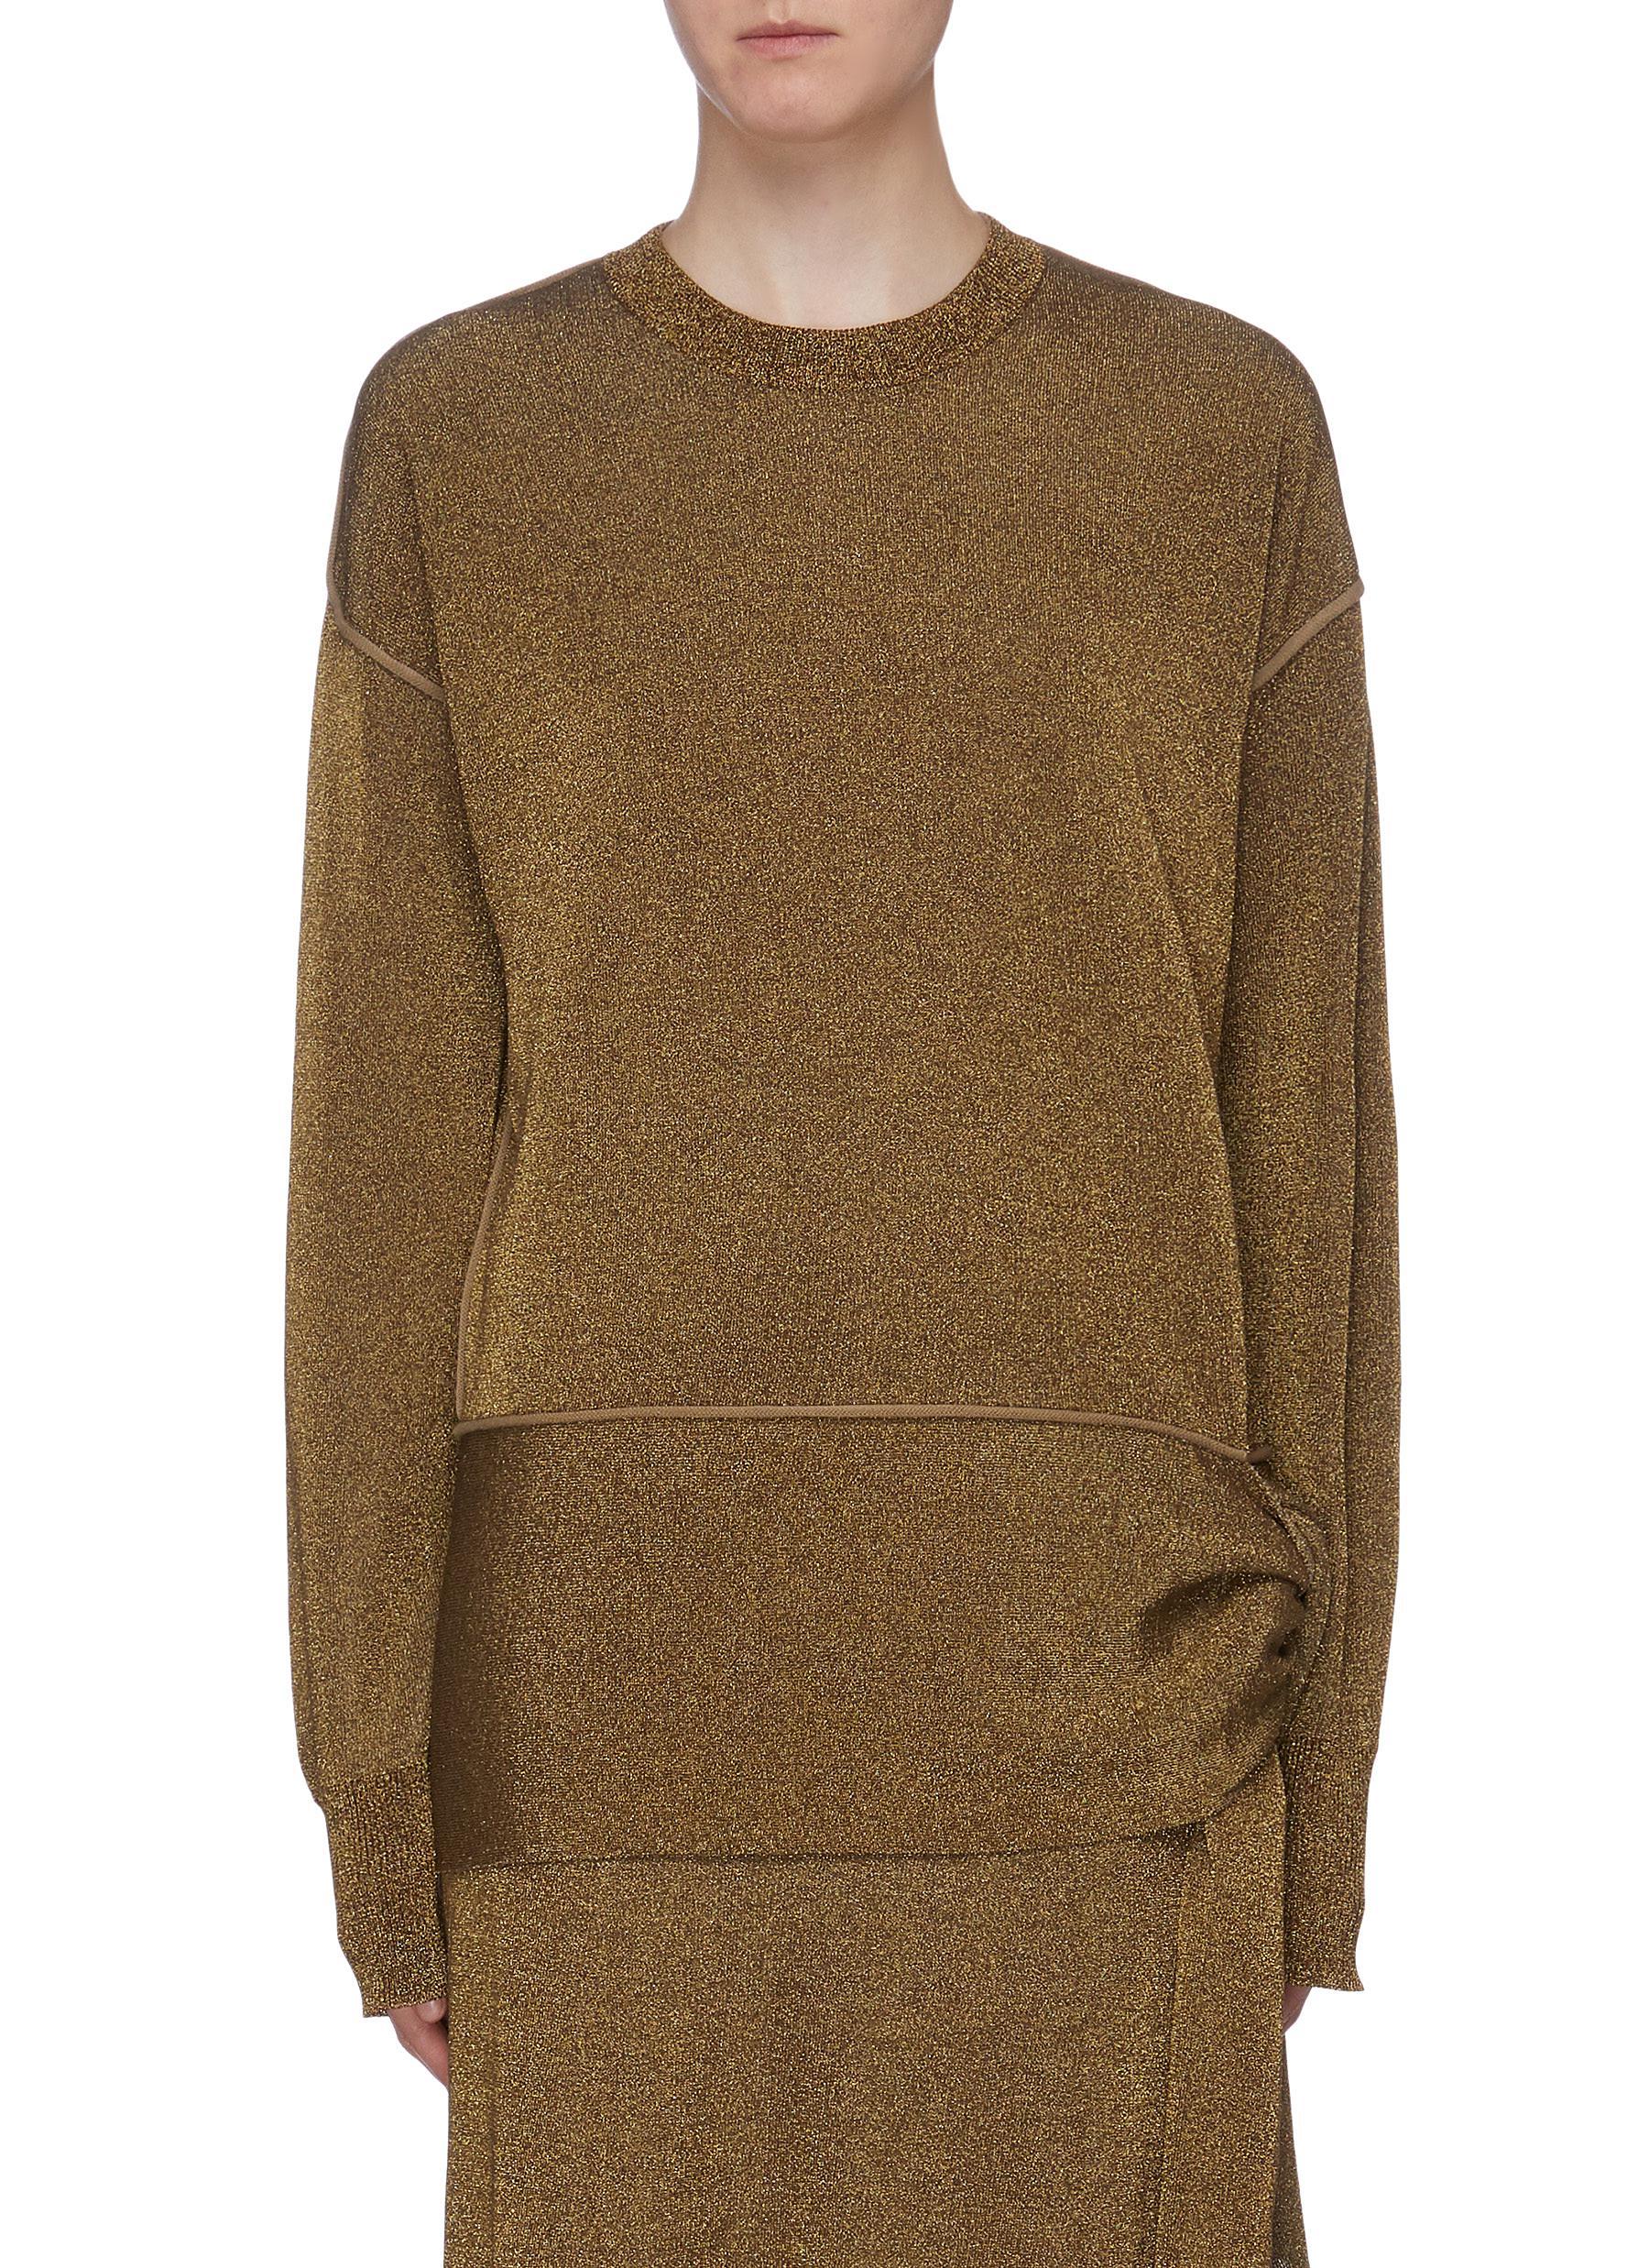 Tie side metallic sweater by Sonia Rykiel